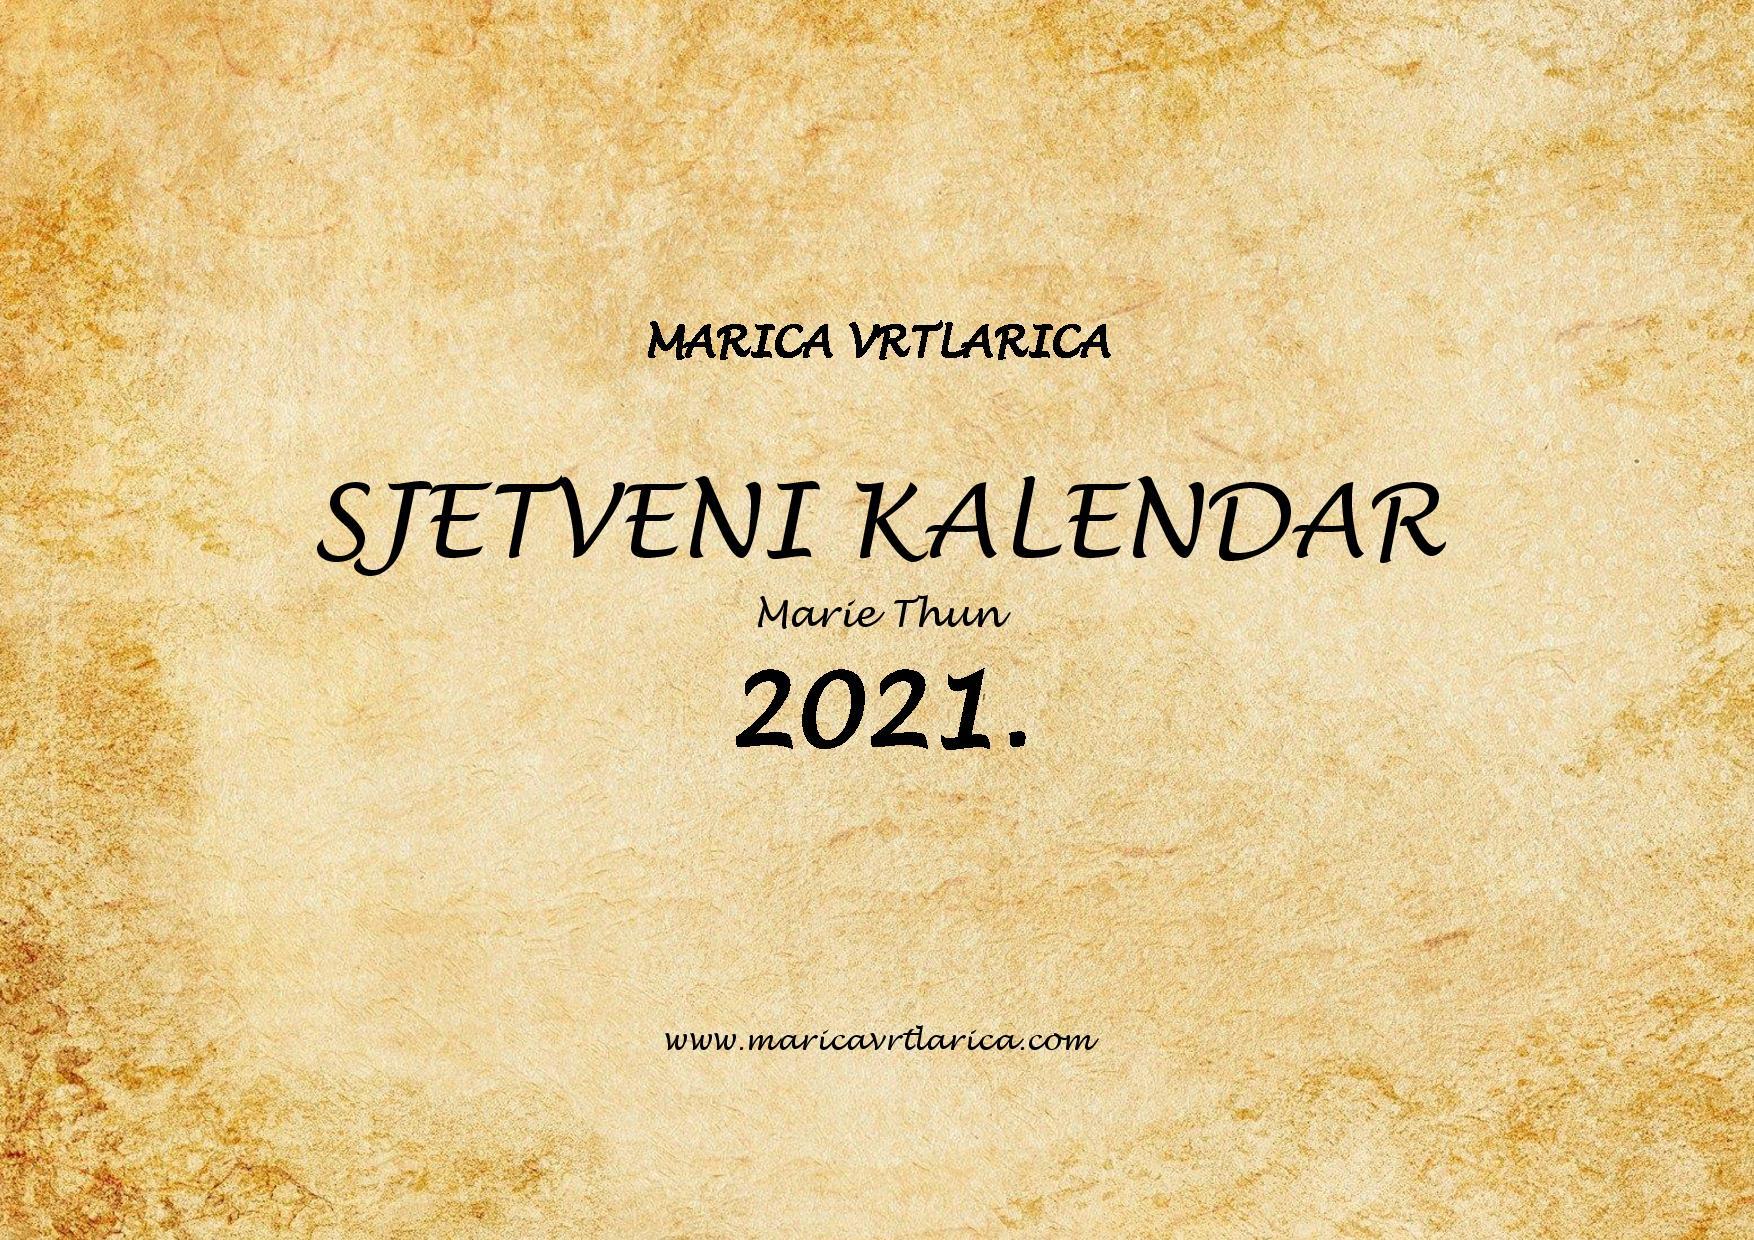 2021 Sjetveni kalendar